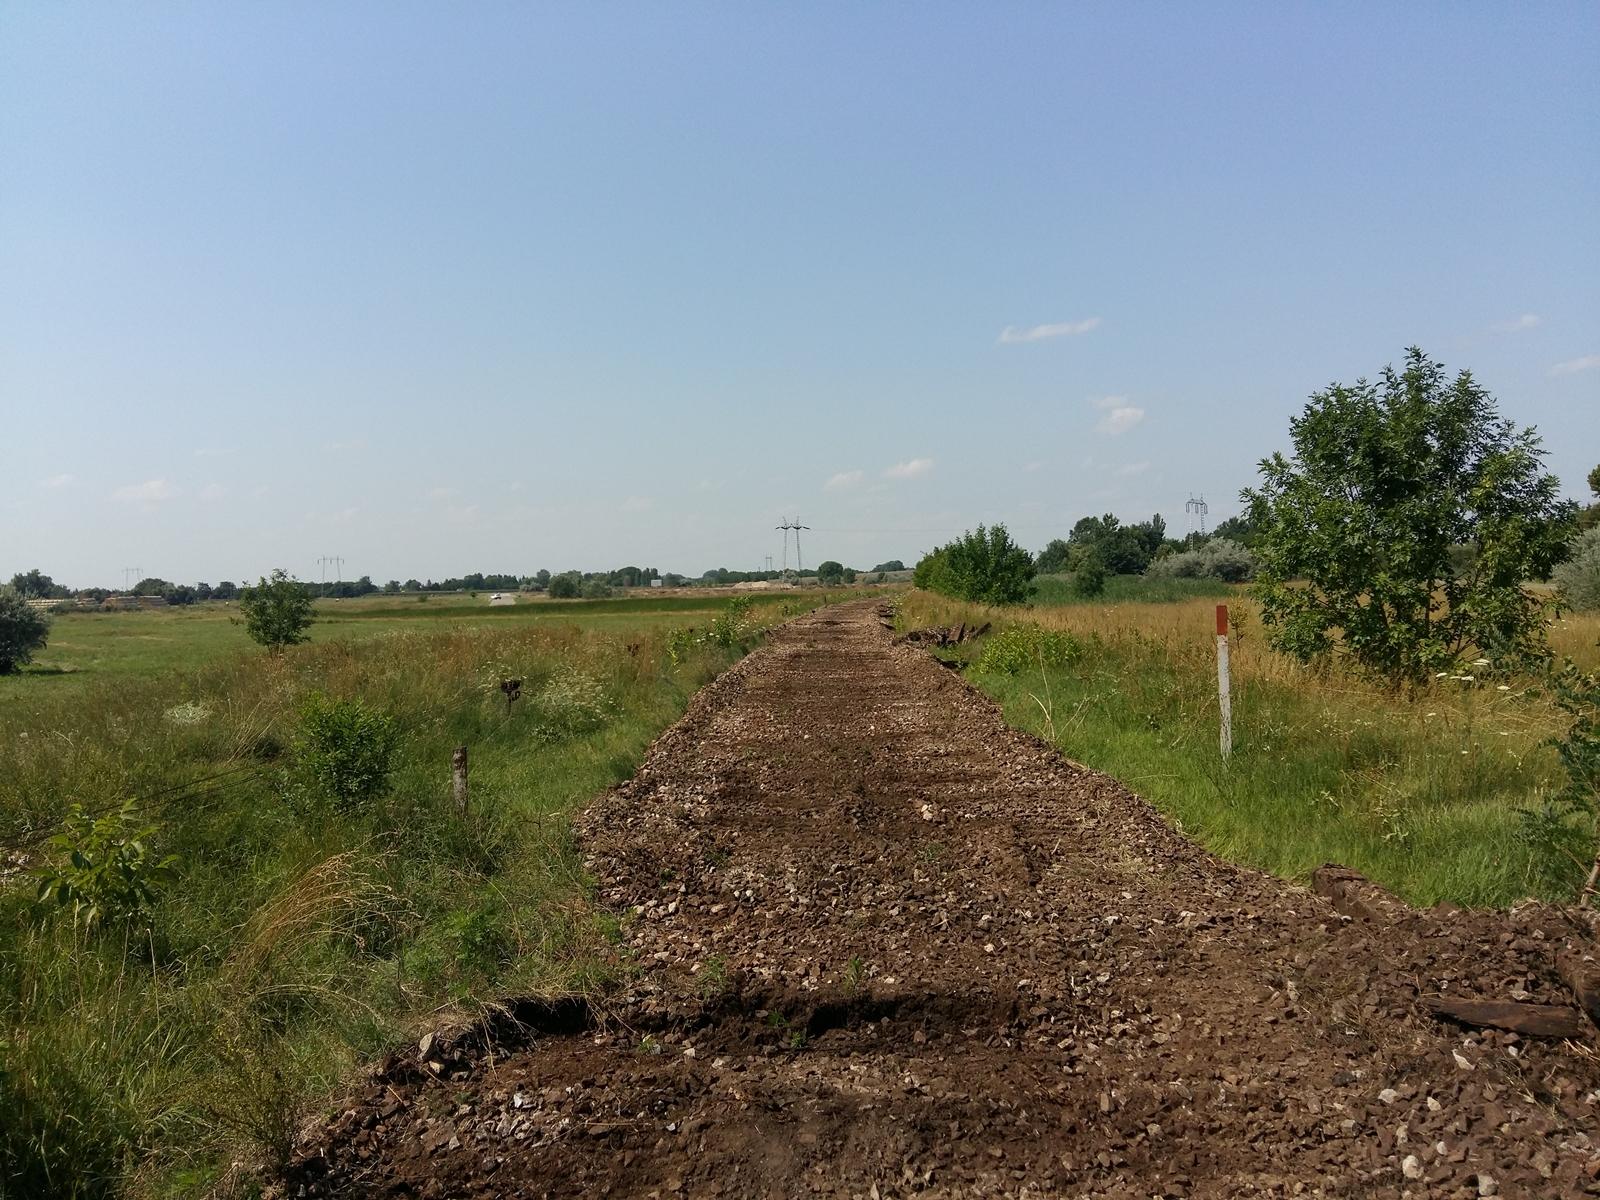 Az RZD International tempósan bontja a régi, rossz állapotú pályát a szerb–magyar határtól Szabadka felé (a szerző felvételei)